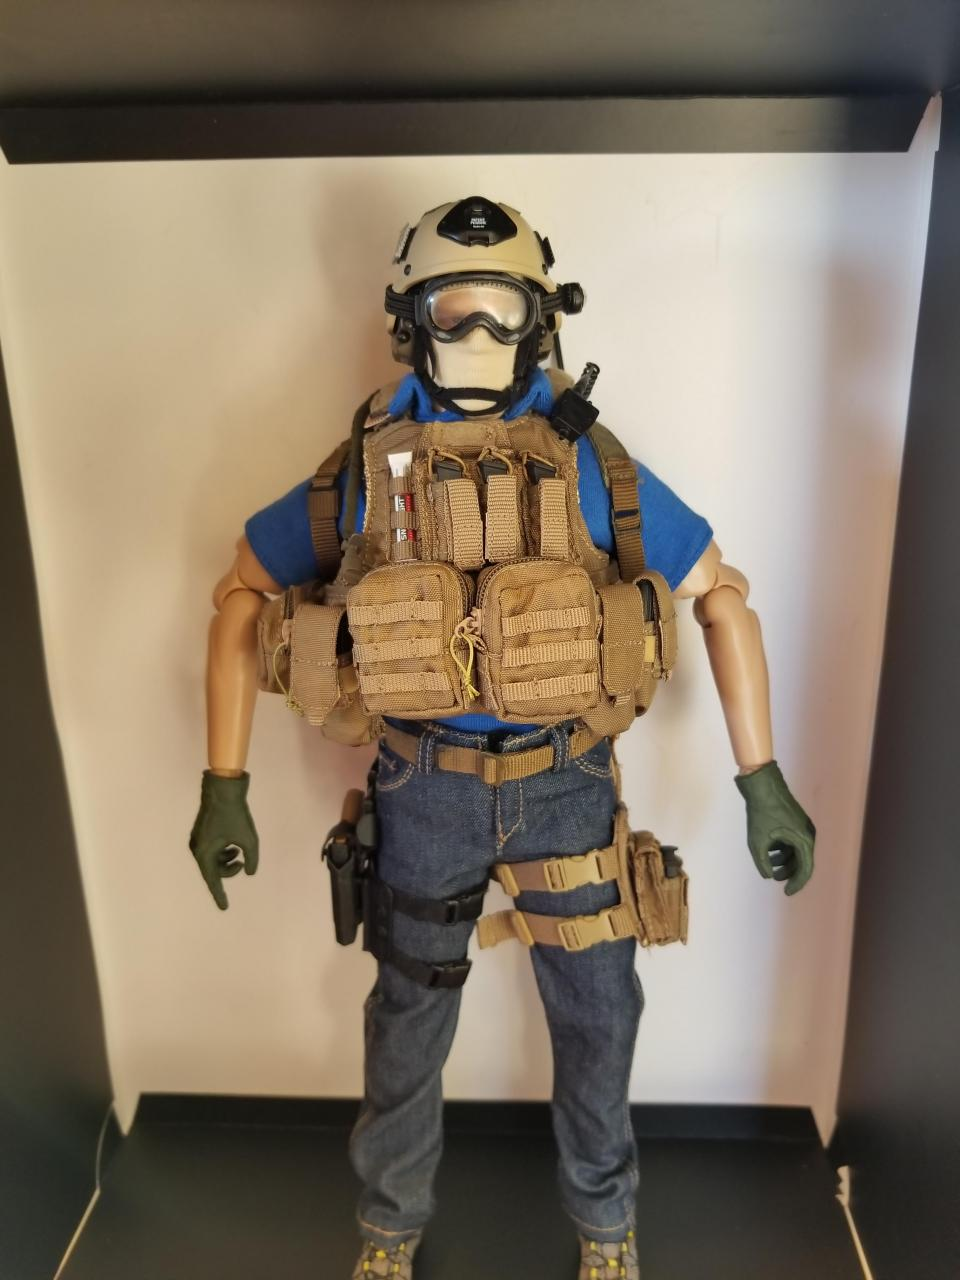 Modern Warfare 2 - Task Force 141 operative in urban wear (pic heavy)-3_-_rzcrz2c[1]-jpg